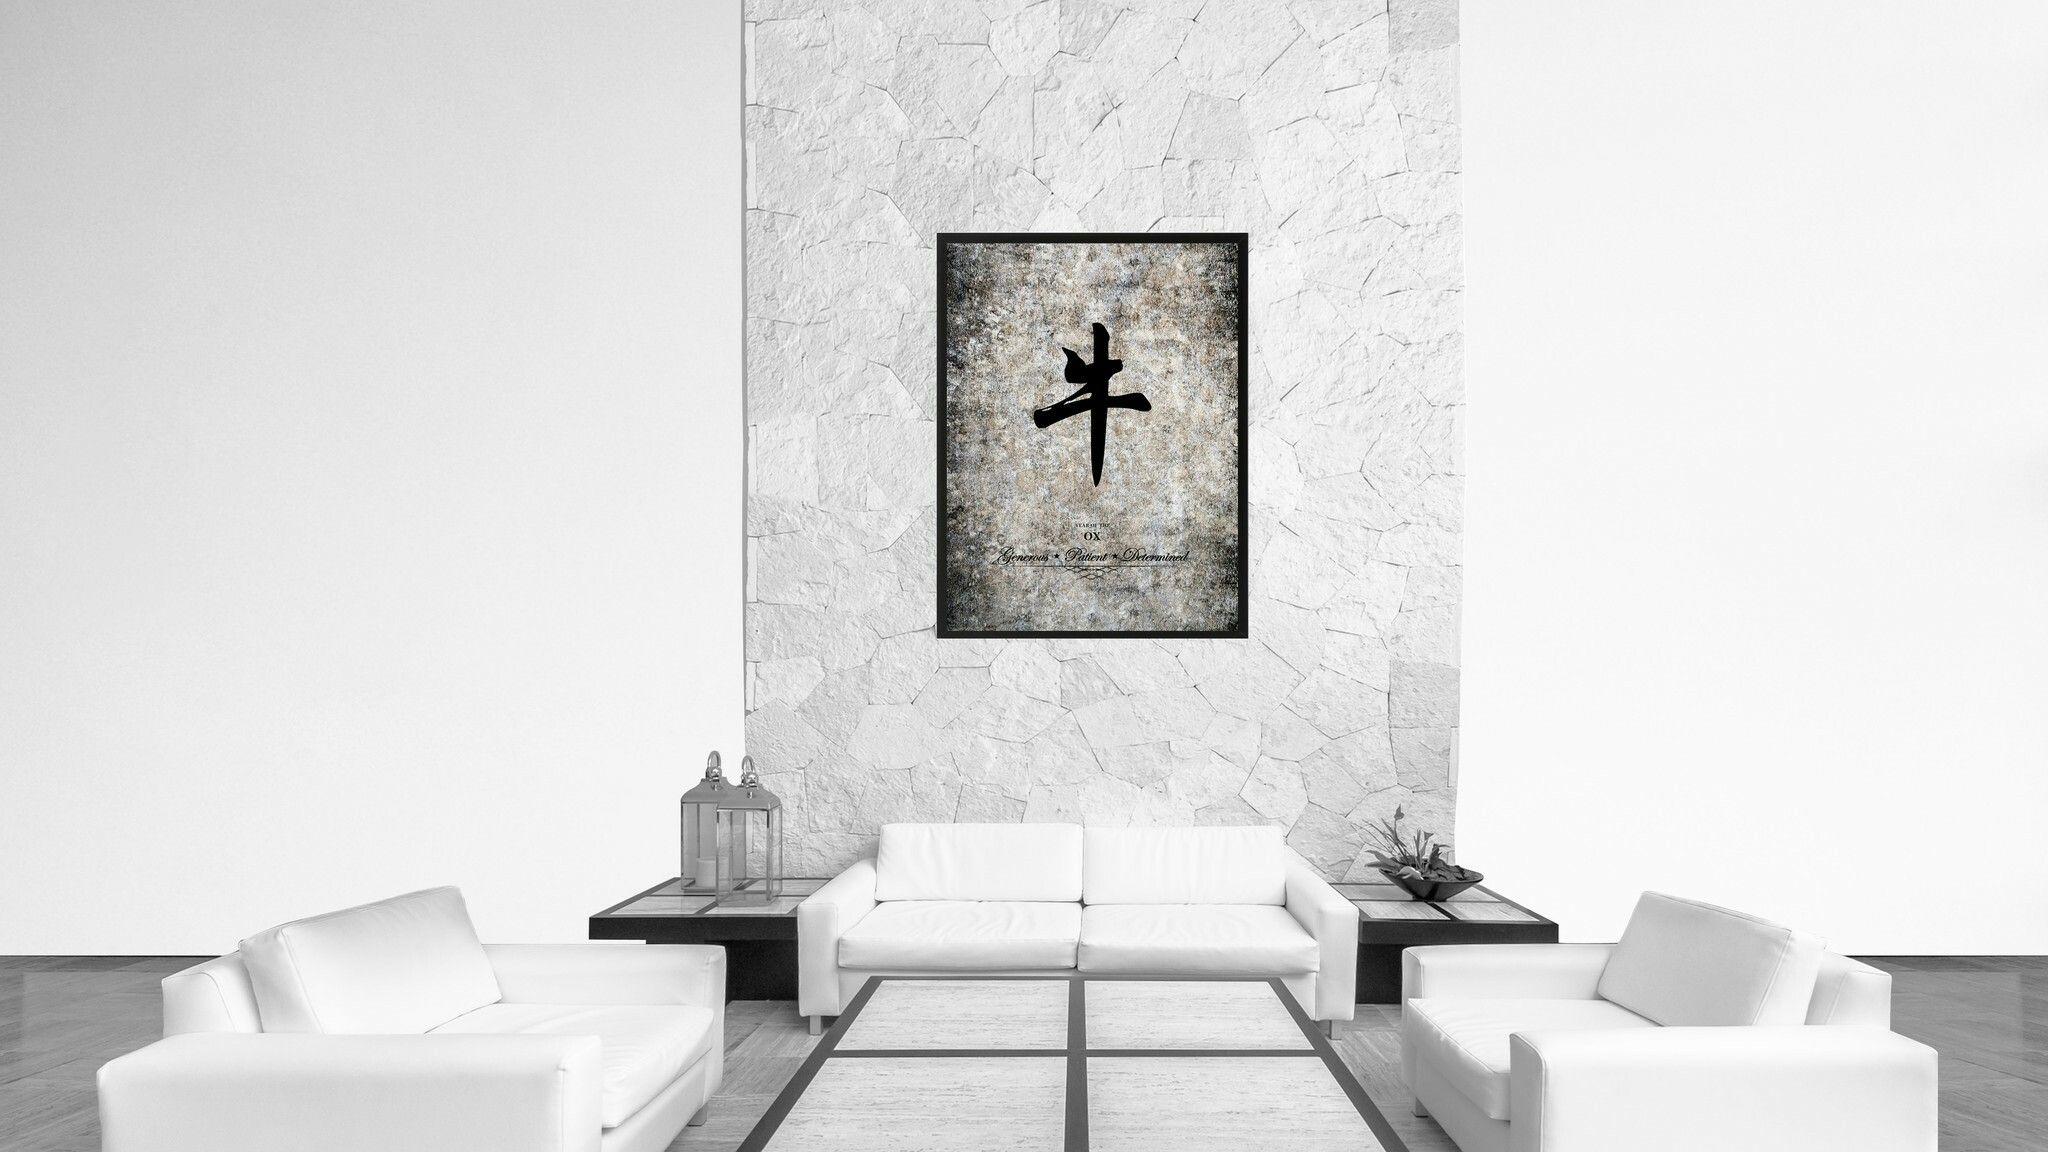 Pin de Home Decor Ideas en Home Decor & Wall Decor, Gift Ideas ...